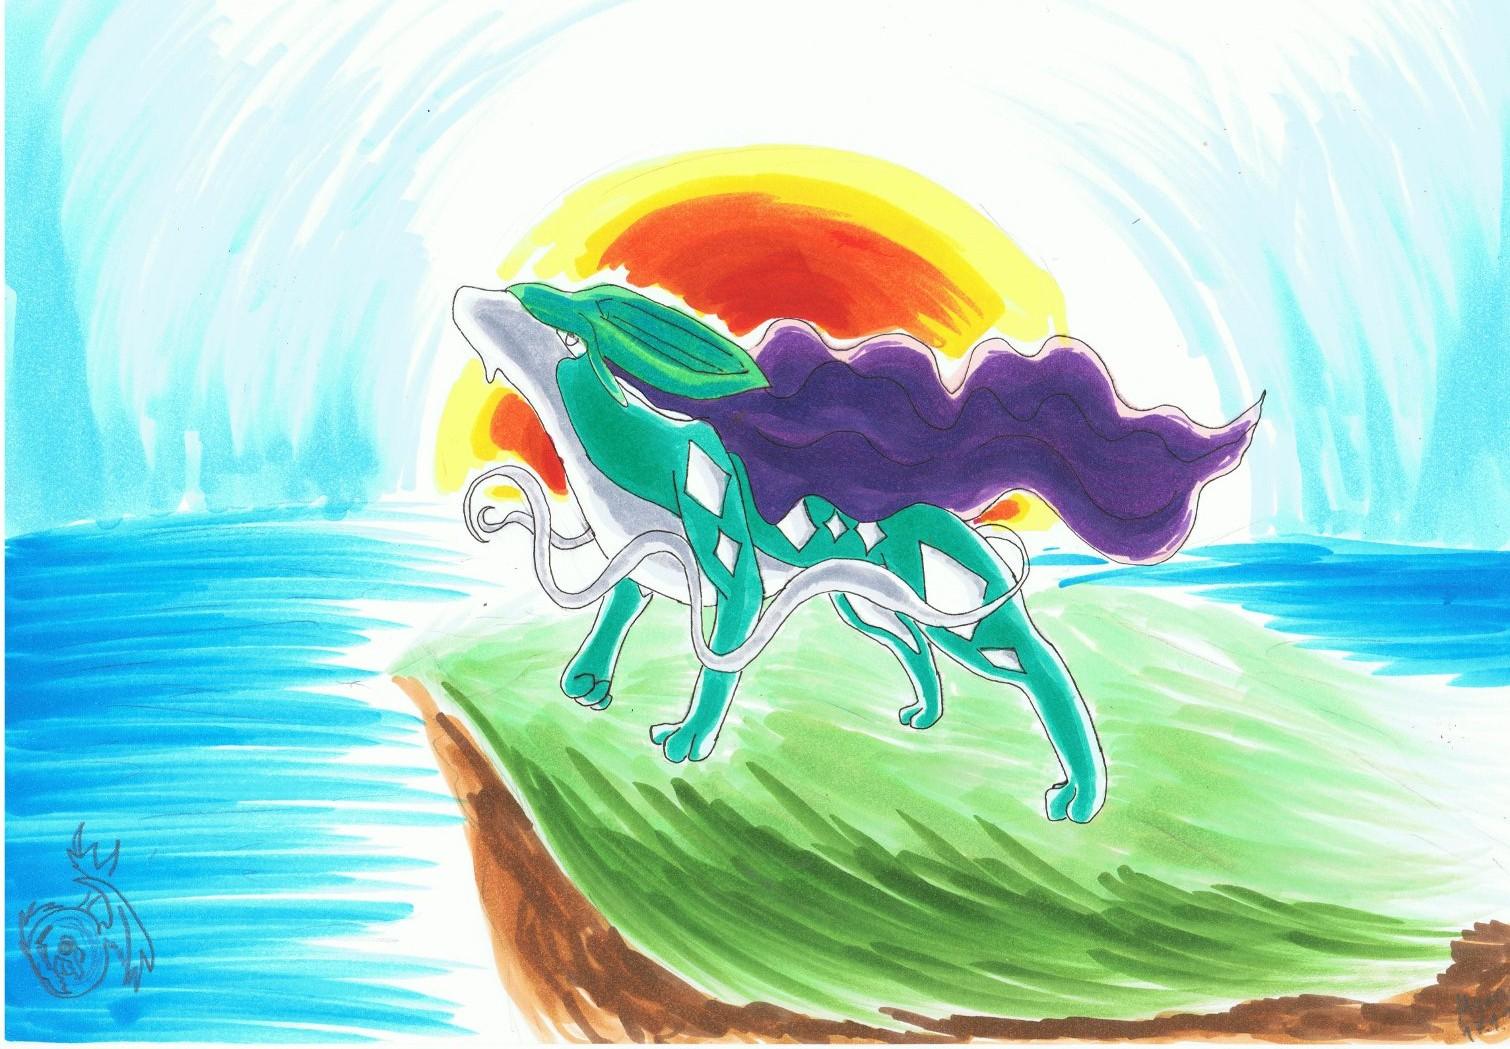 Pokémon-Zeichnung: Einreichung 21984